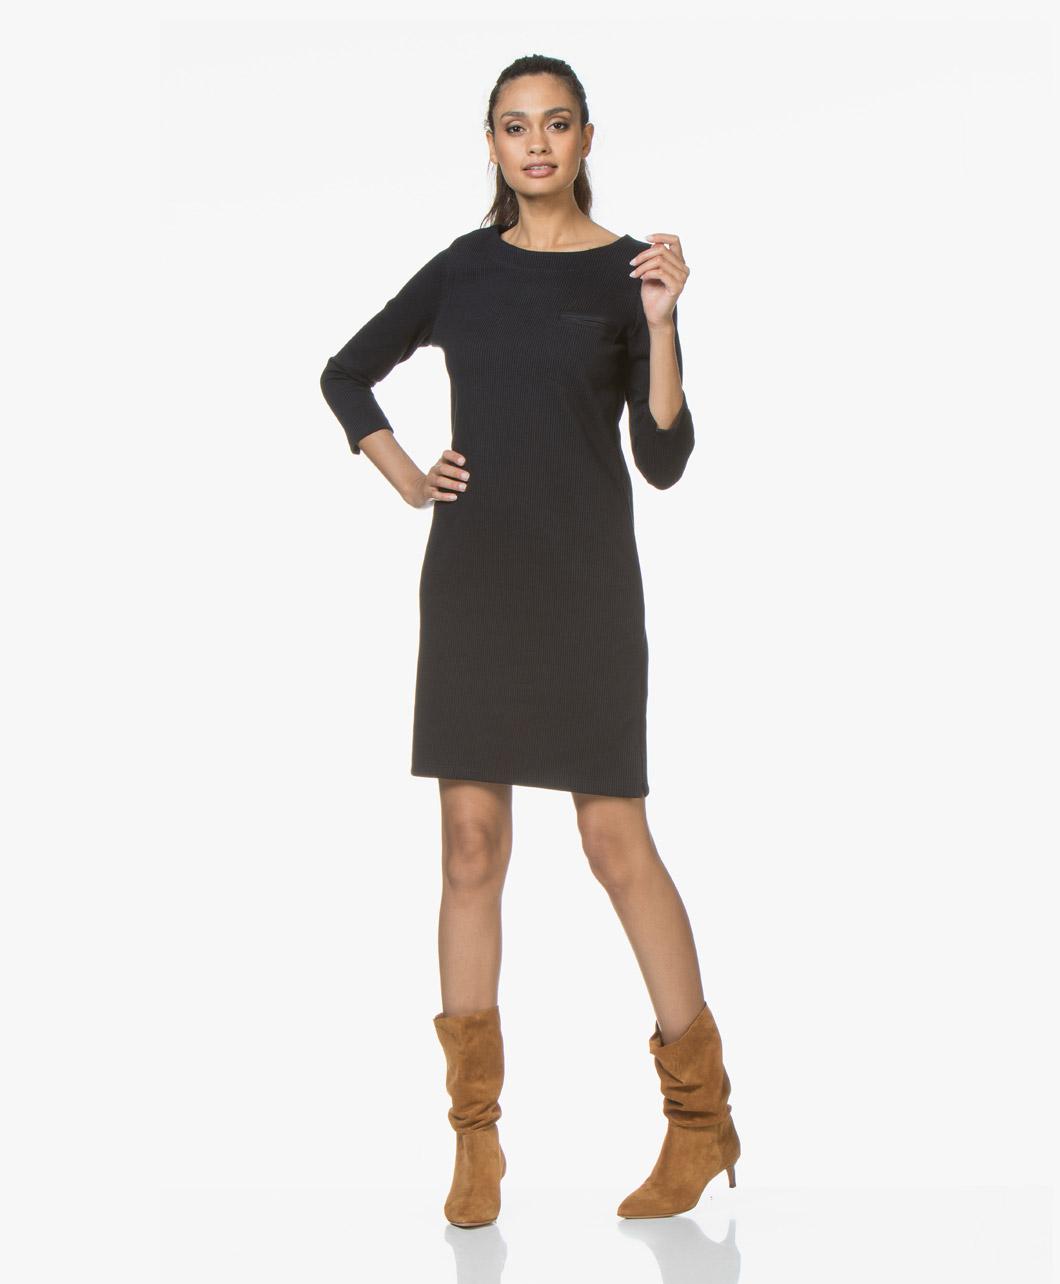 7e8c2d053aa3d8 BY-BAR Noor Striped Jersey Dress - Navy Black - 18417024 600